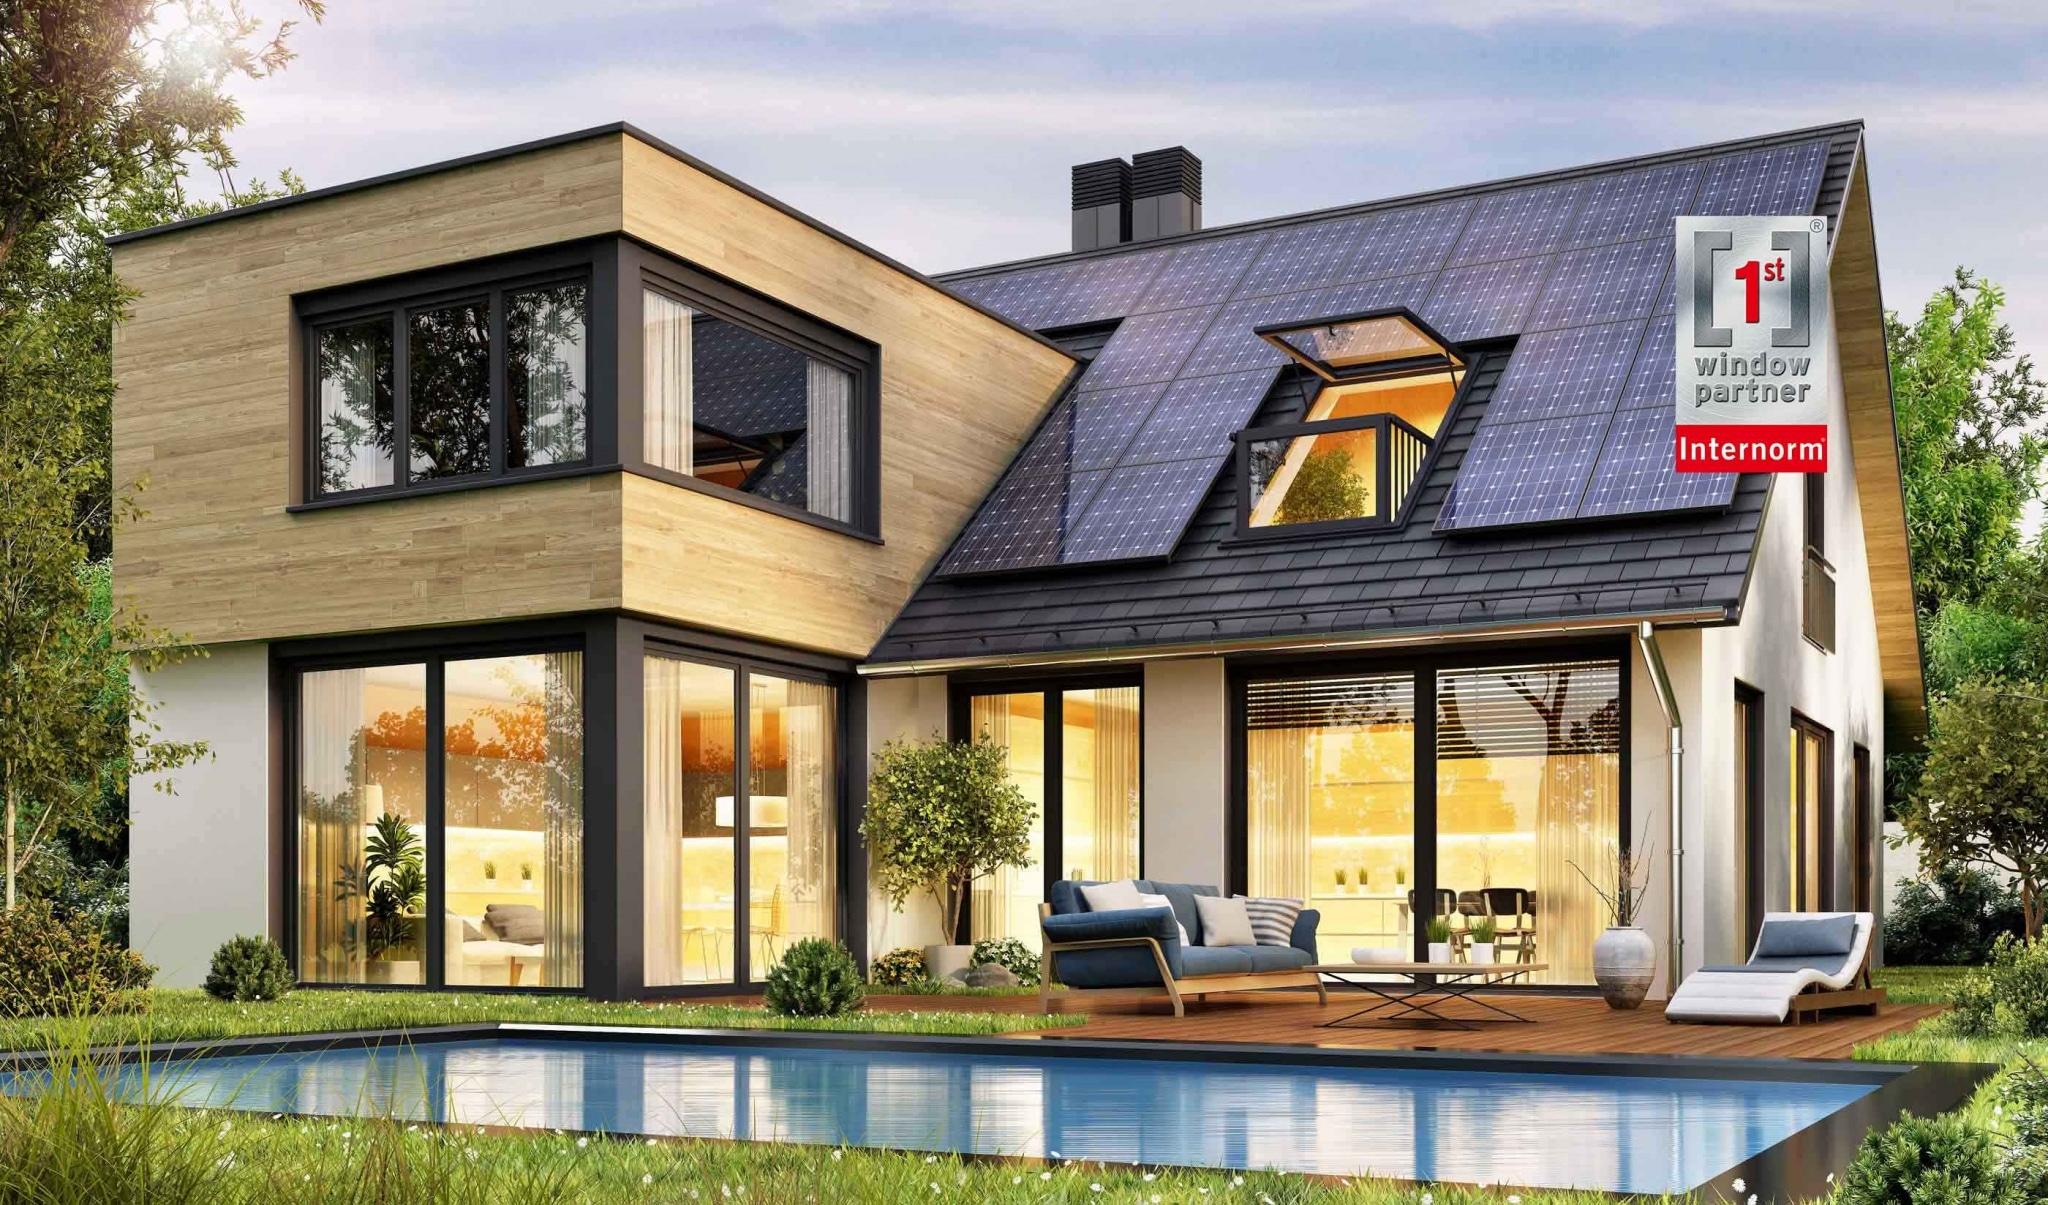 Modernes Einfamilienhaus mit großen Fensterflächen